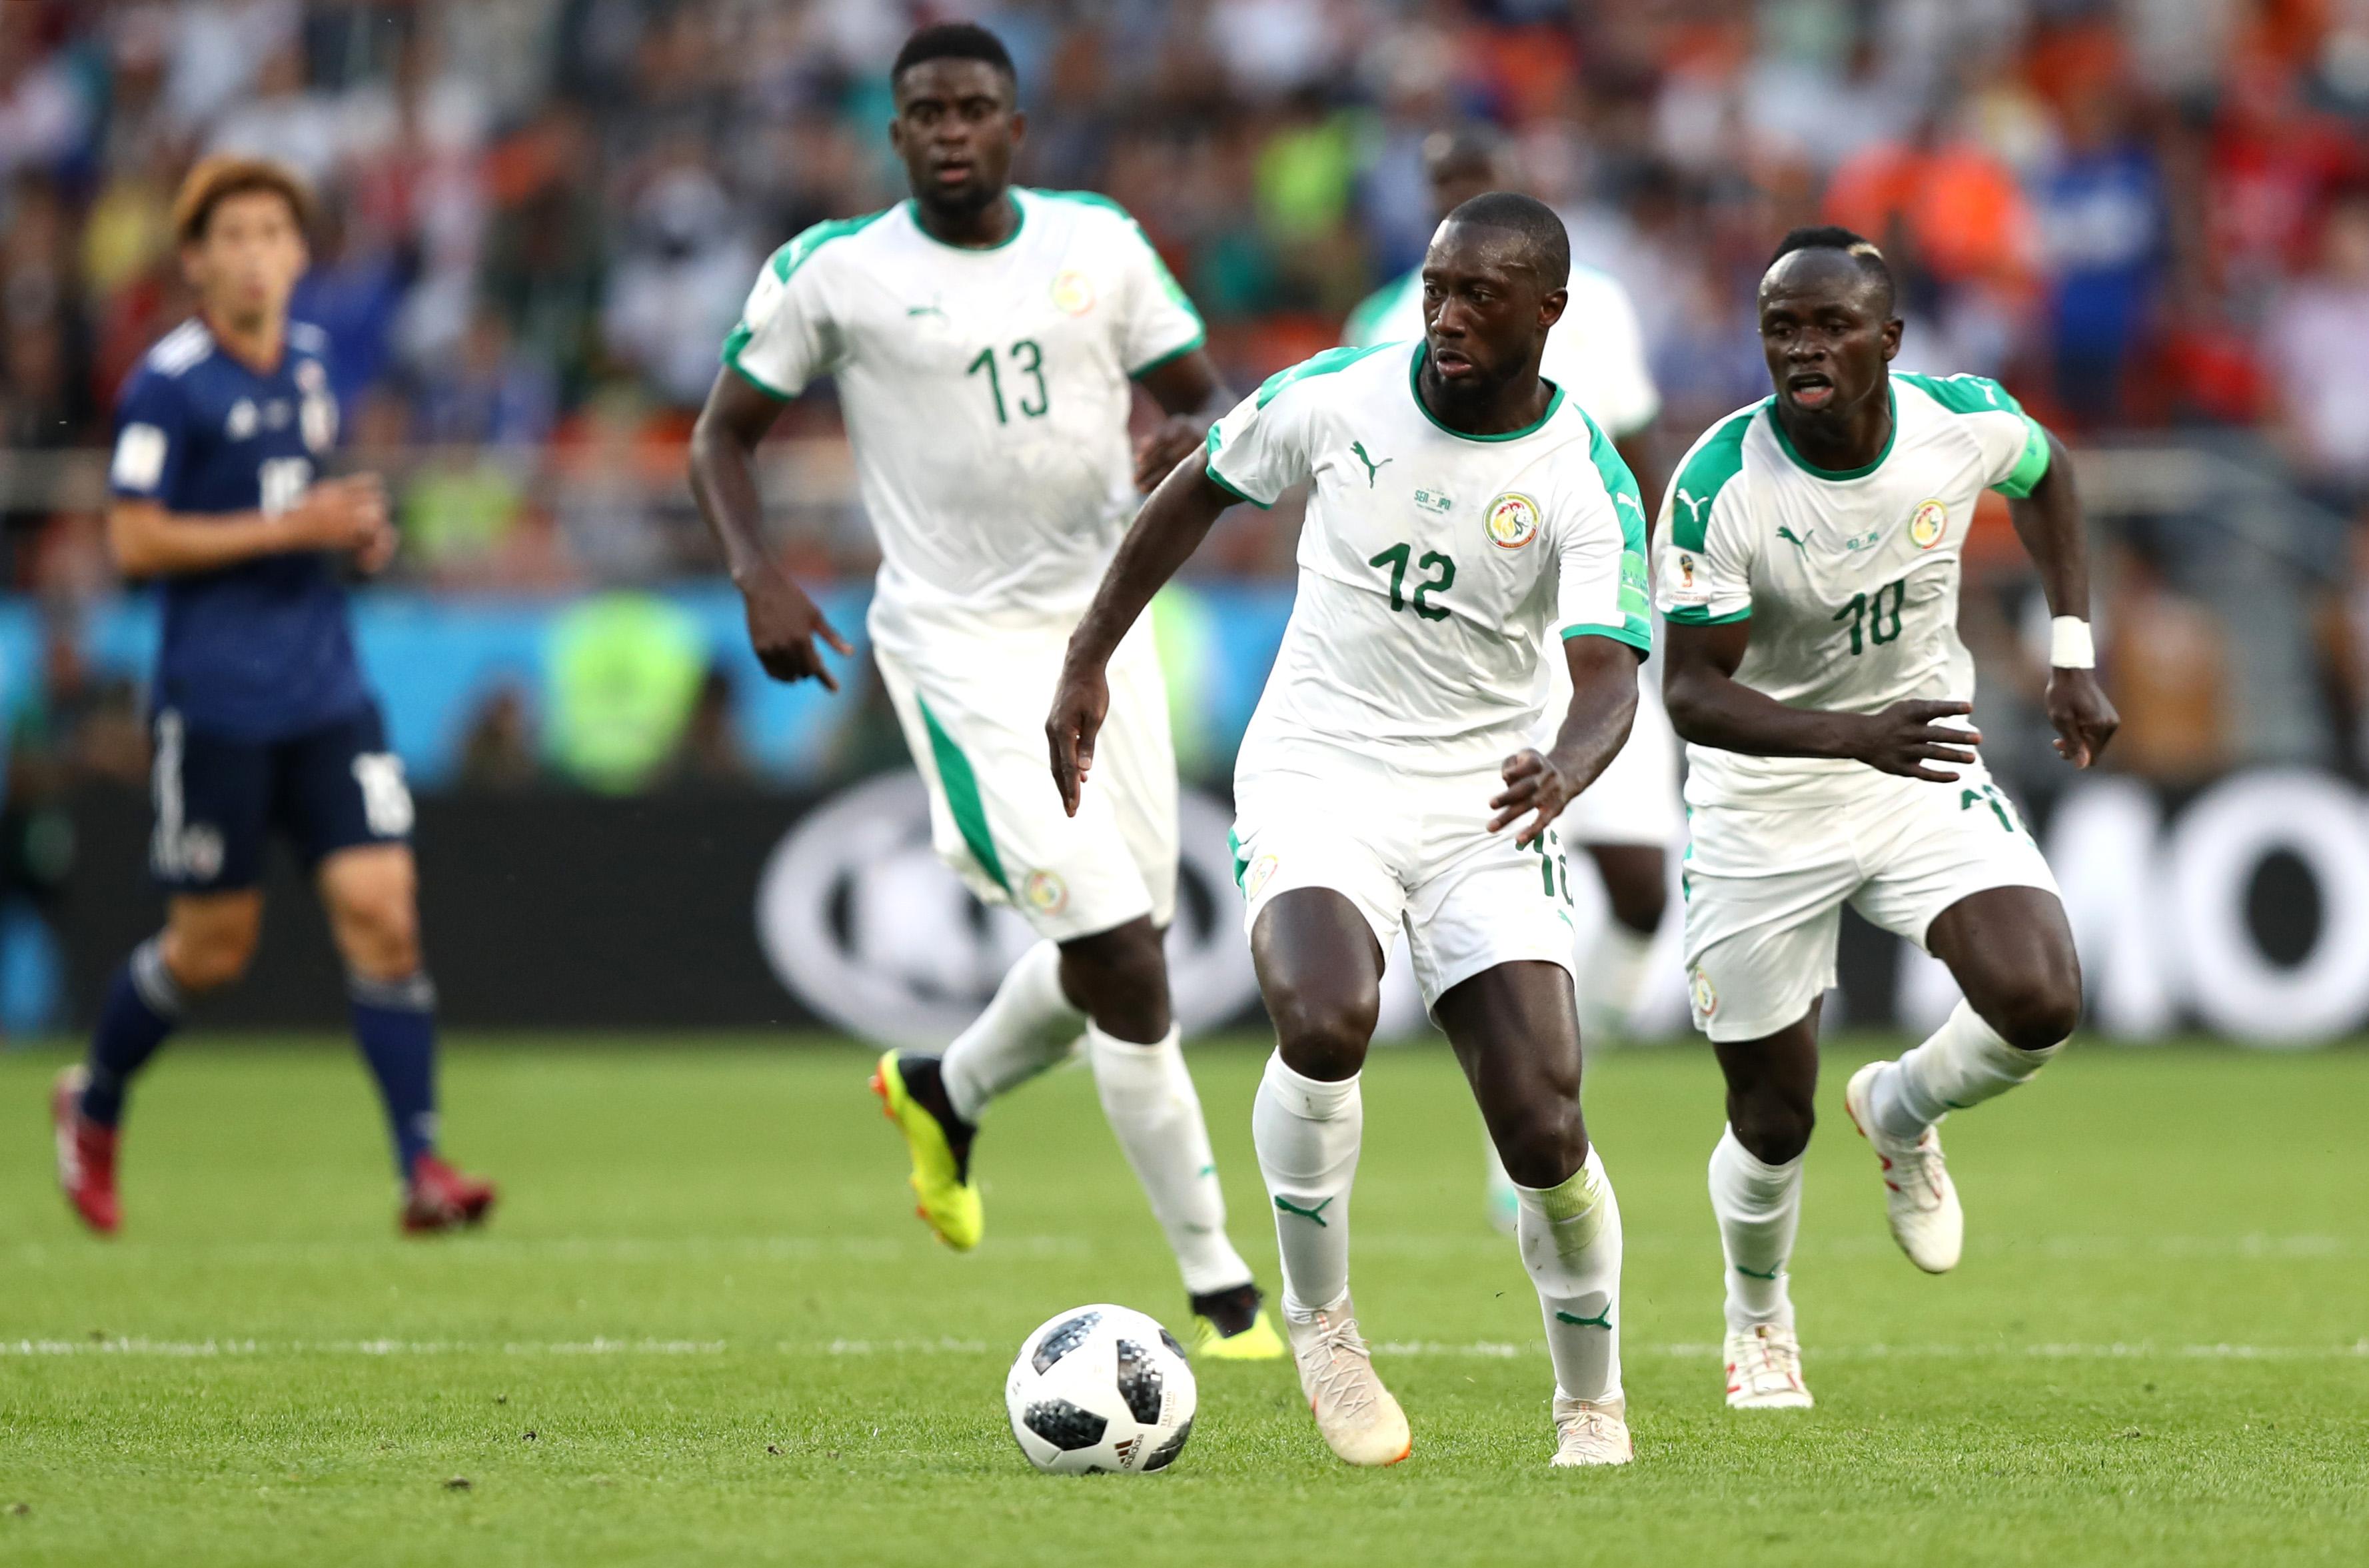 Lions, continuez de défendre les couleurs de la Nation  (Par Me Serigne Amadou MBENGUE)